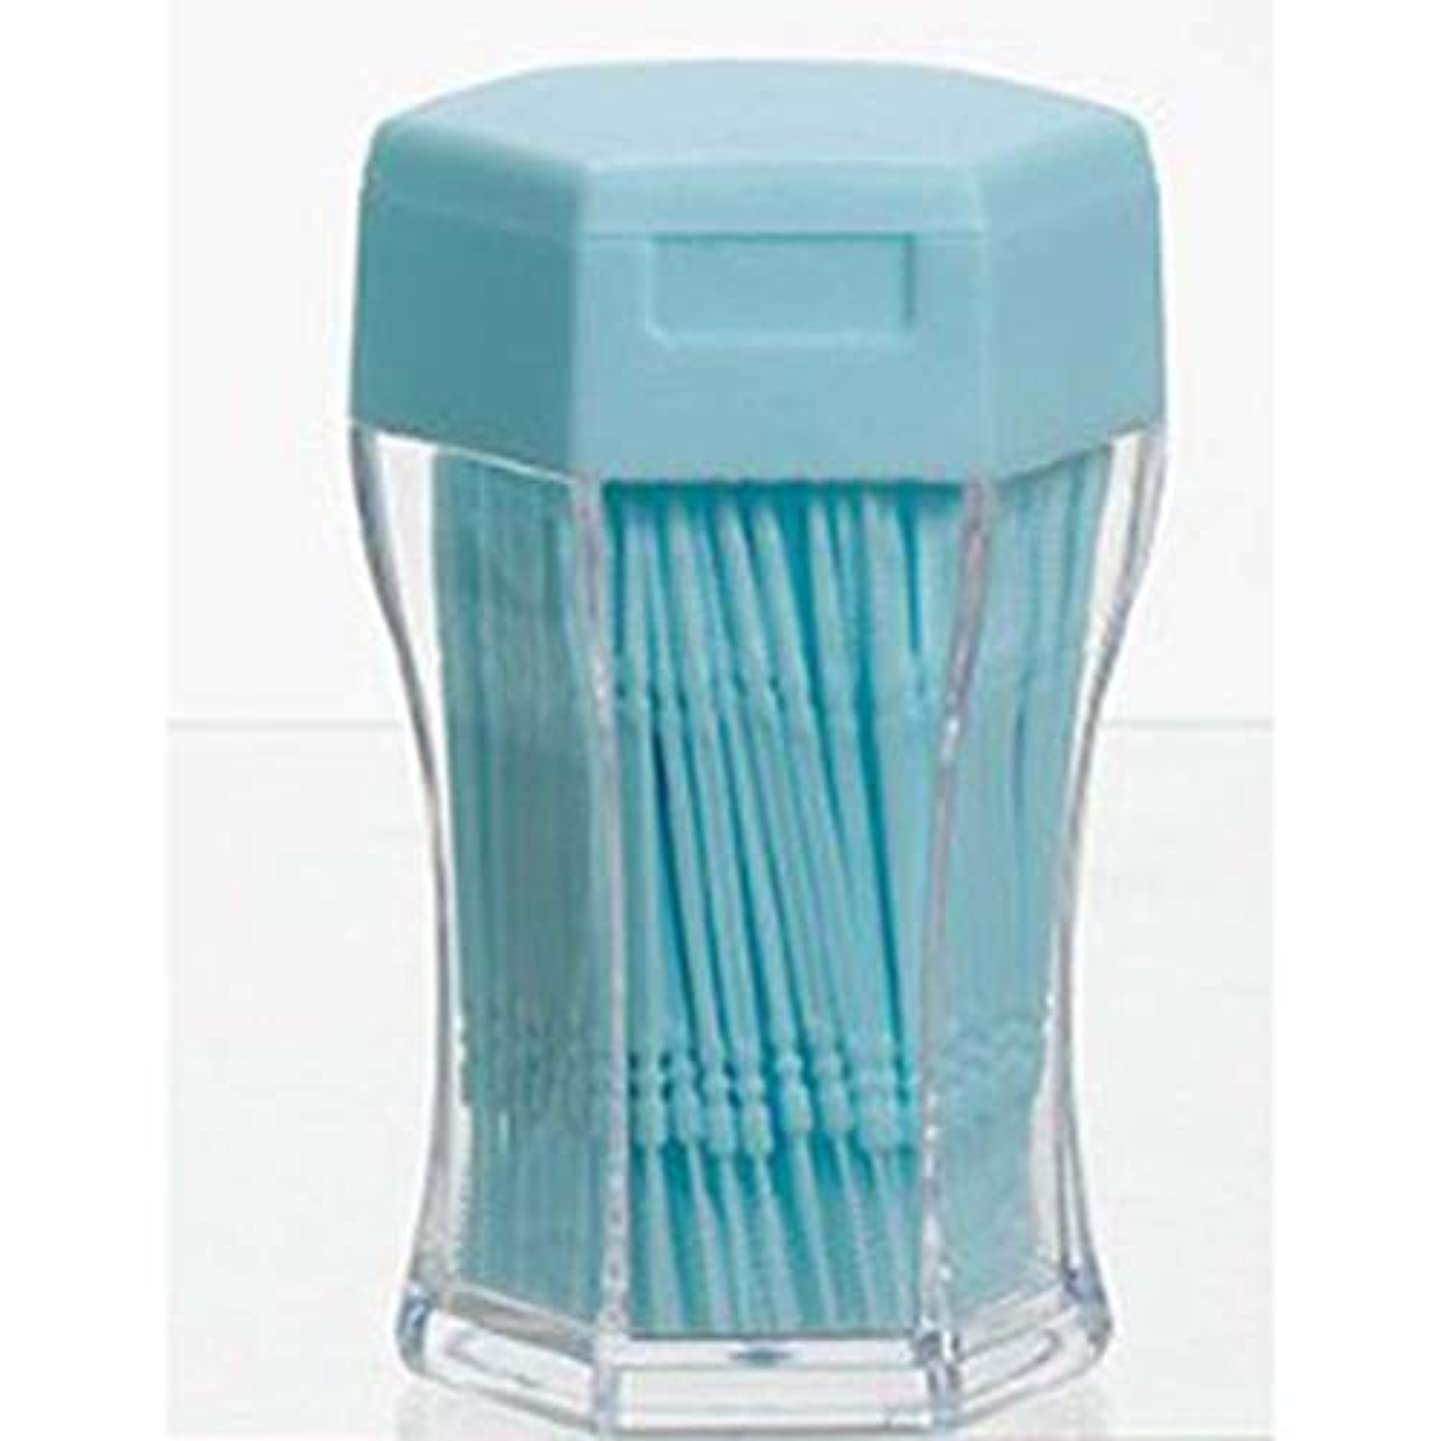 ピーブ普遍的な接ぎ木200ピース/セットダブルヘッド歯フロス衛生デンタルフロスプラスチック歯間つまようじ健康用歯のクリーニングオーラルケア(Color:blue)